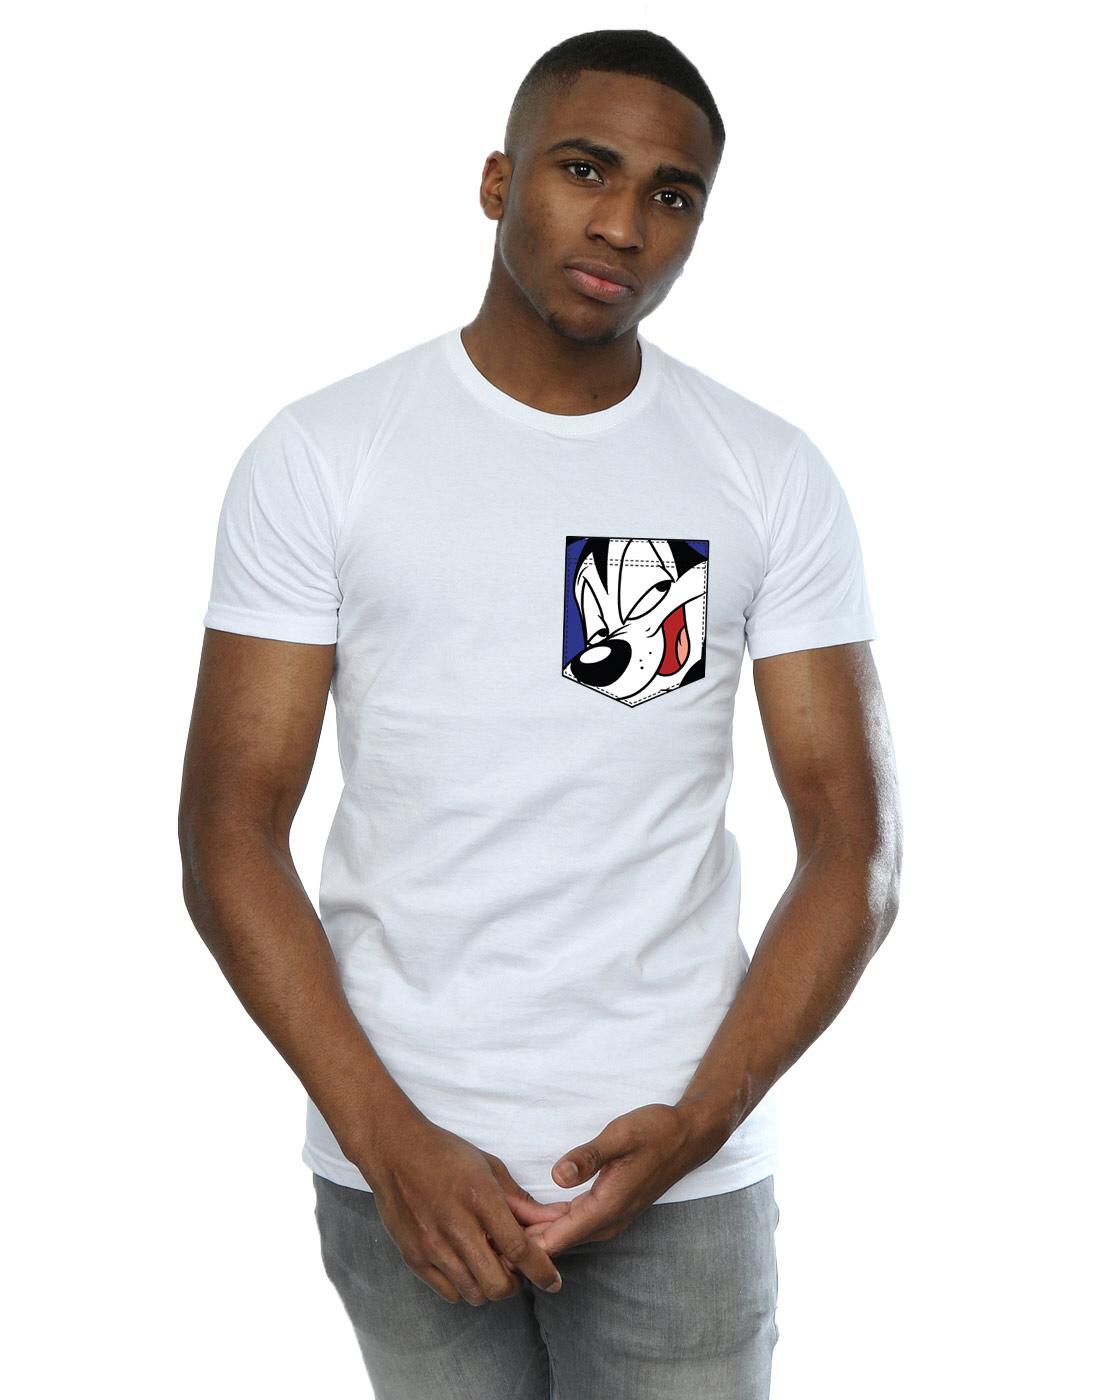 Hombre Pocket Looney Detalles Pepe Le De Tunes Camiseta Pew Faux Face 3RLq54Aj